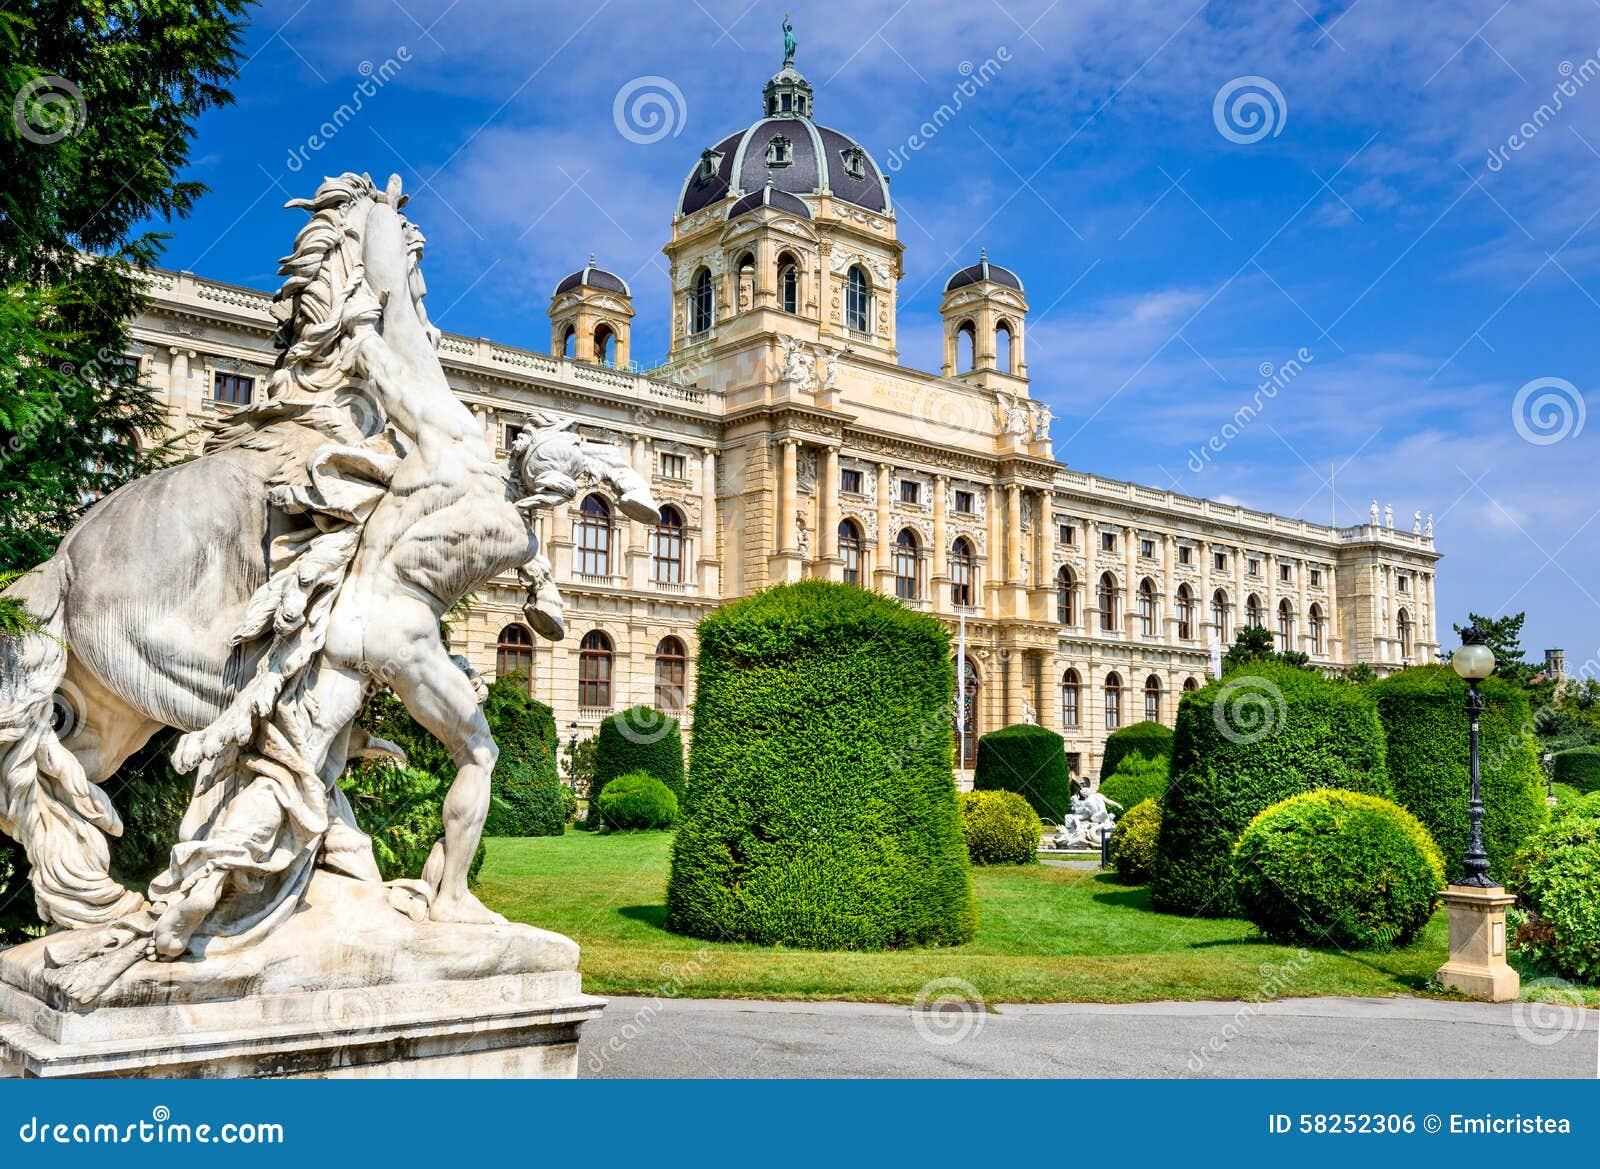 Österrike vienna